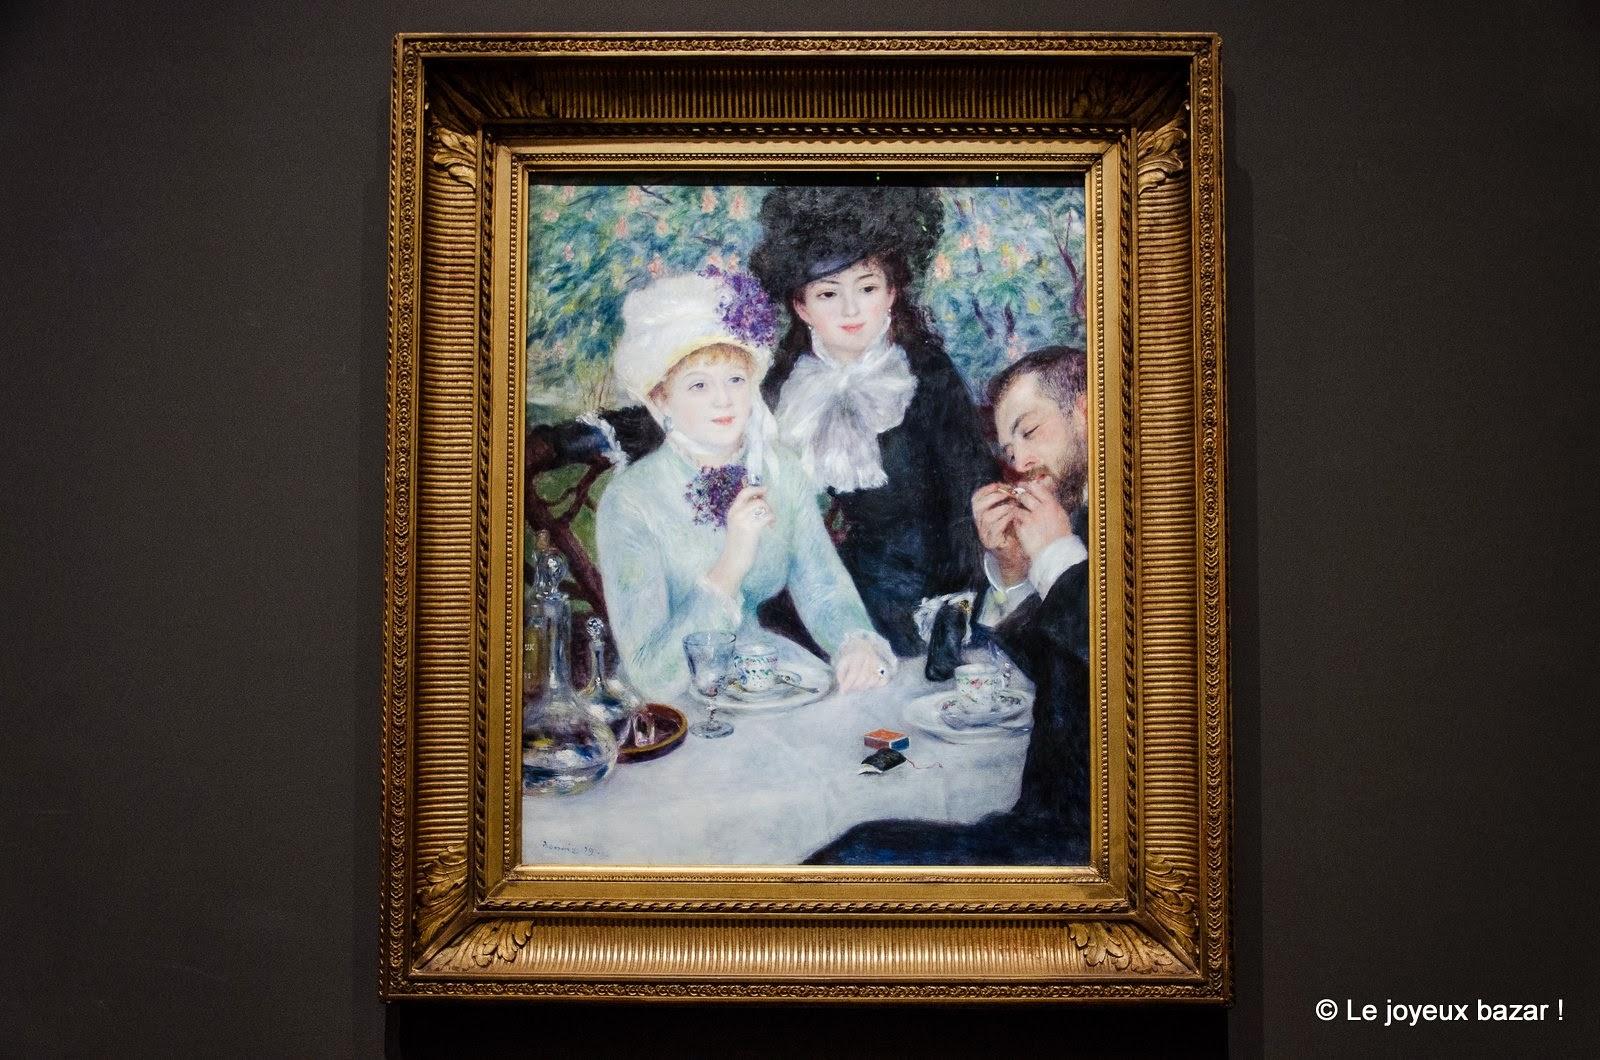 Pierre-Auguste Renoir Fin de déjeuner 1879 Huile sur toile, 100,5 x 81,3 cm Franckfort-sur-le-Main, Städel museum